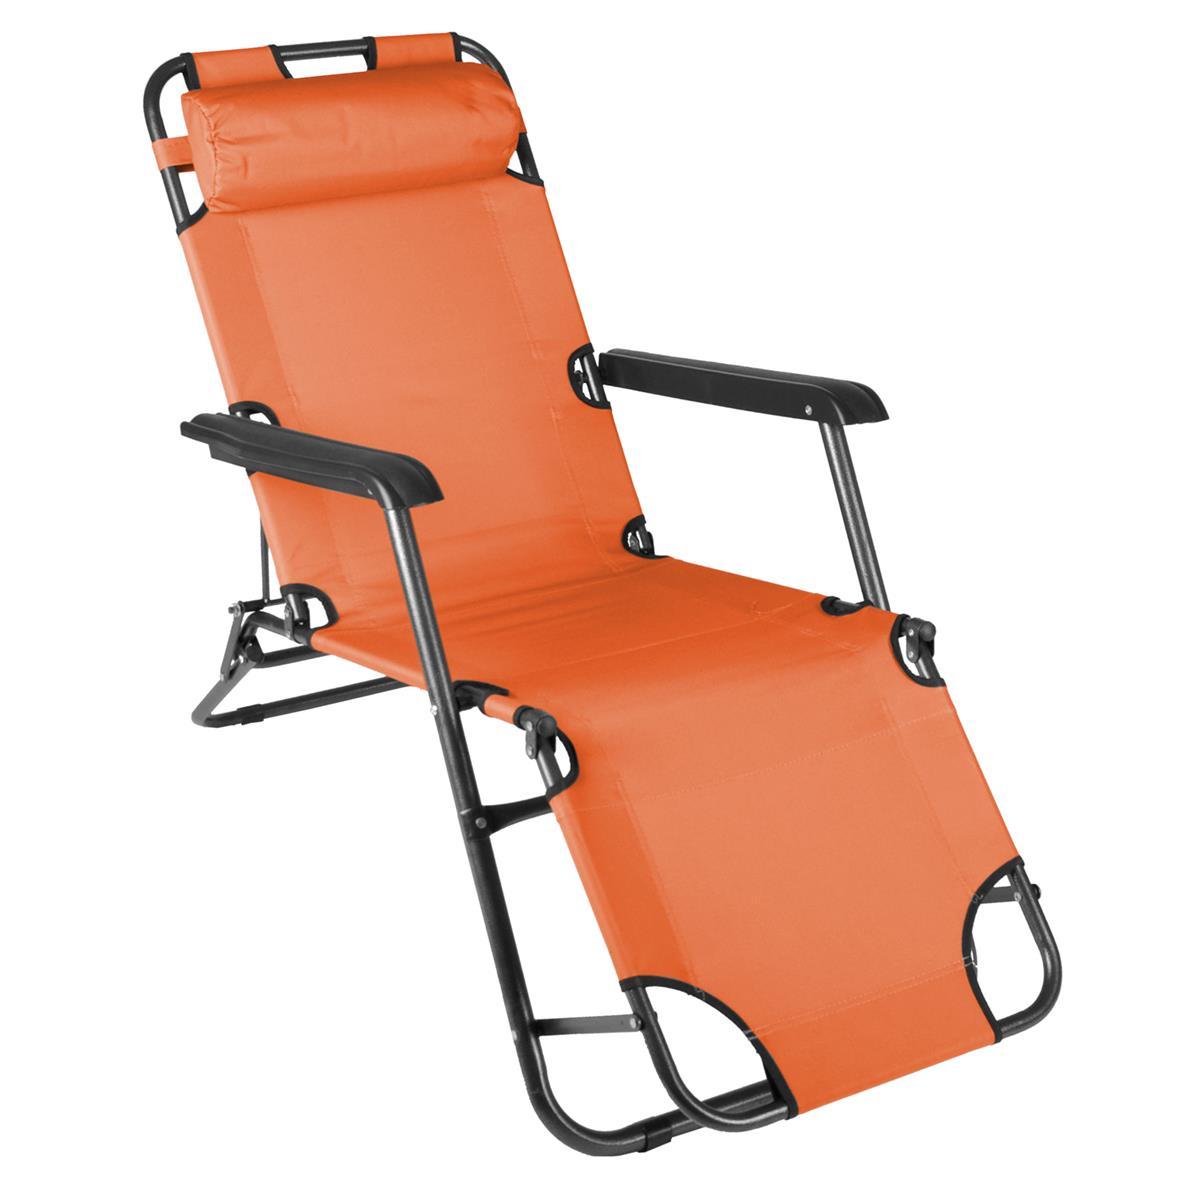 klappbare Sonnenliege Relaxliege Liegestuhl orange Klappliege Stahl